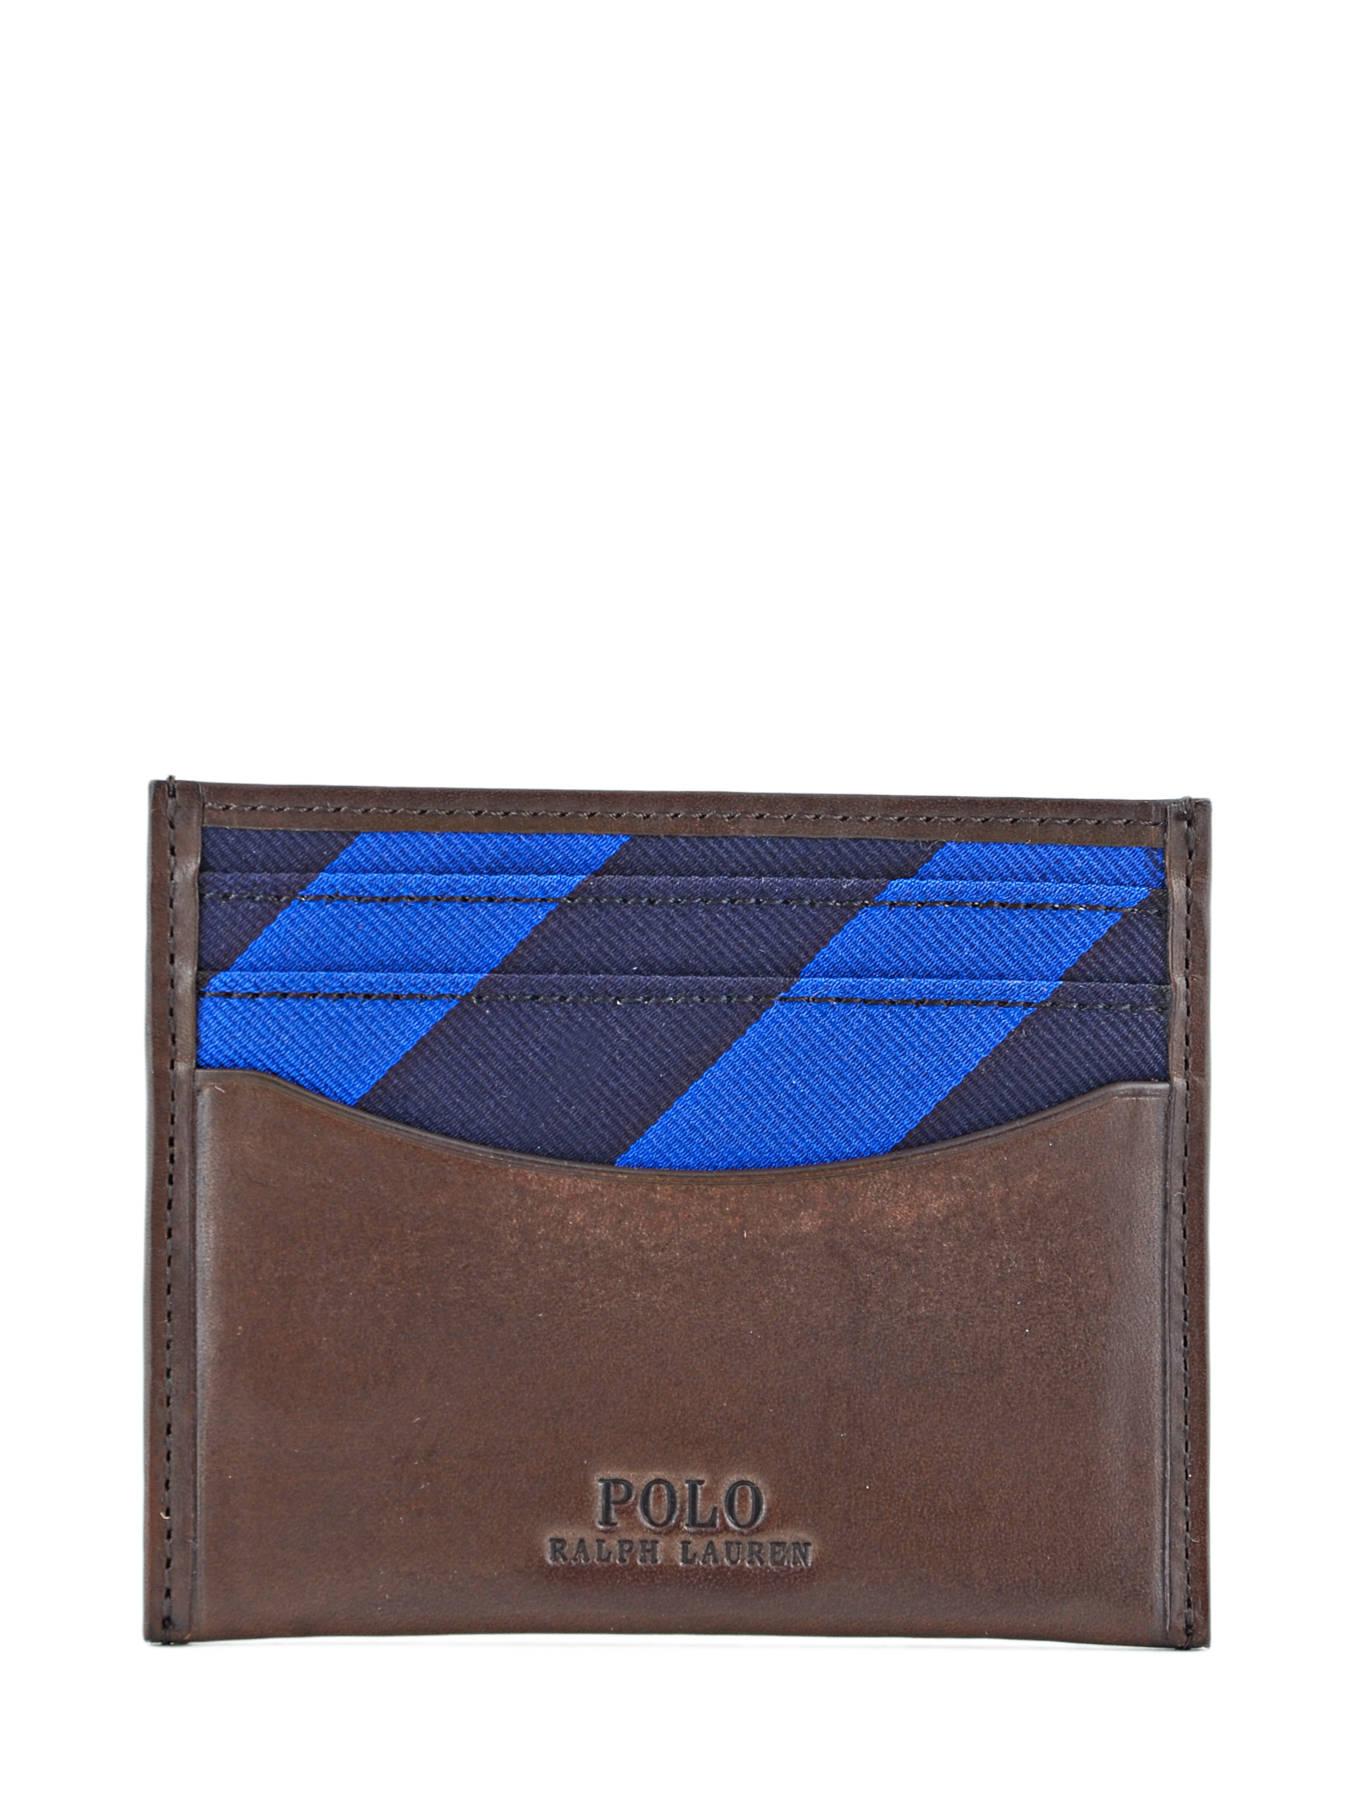 Porte Cartes Polo Ralph Lauren Wallet A79lg055 Sur Edisacbe